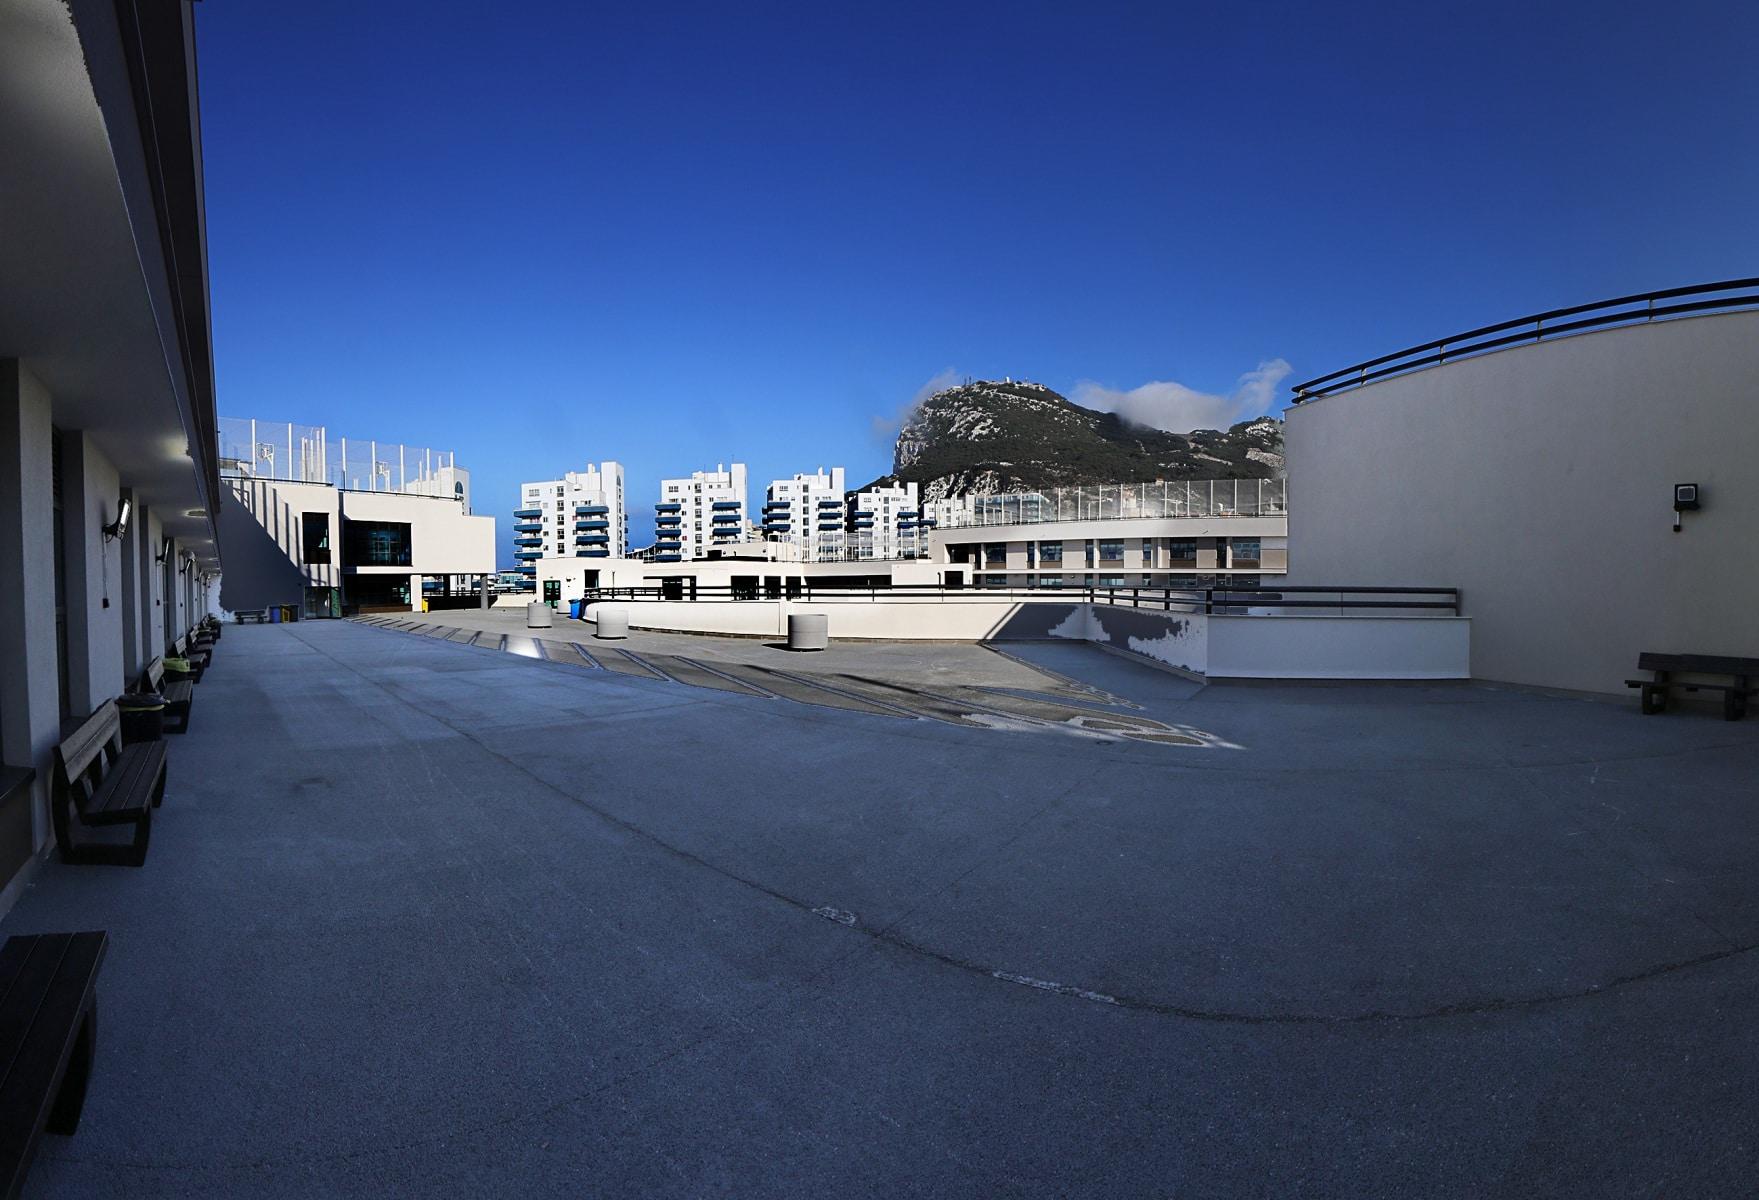 bayside-panorama2_48800933388_o